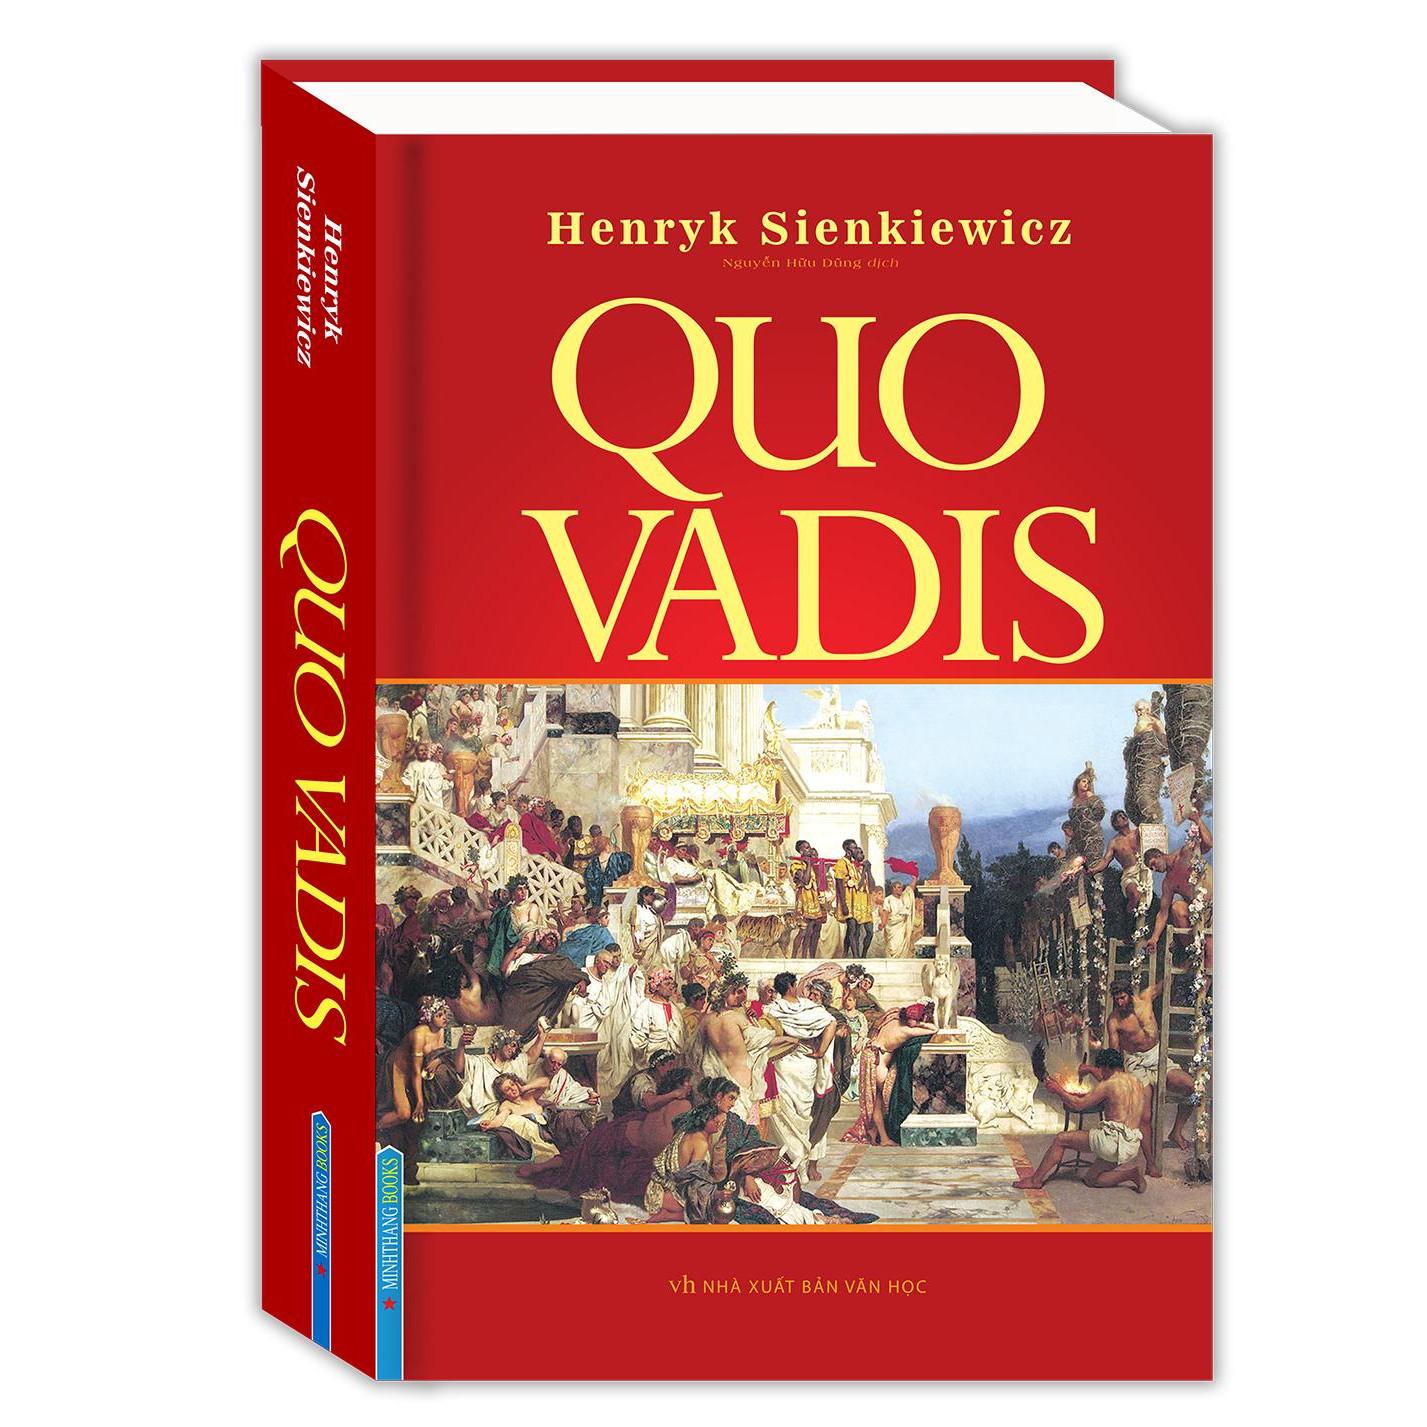 Tiểu Thuyết Kinh Điển: QUO VADIS (BÌA CỨNG) - Top Sách Văn Học Nước Ngoài Bán Chạy Nhất Mọi Thời Đại / Tặng Kèm Bookmark Green Life